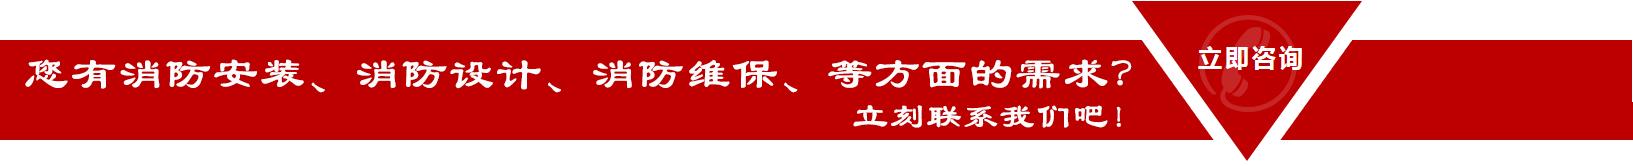 您有重庆消防工程、重庆消防设计、重庆消防手续代办等方面的需求吗?立刻联系我们吧!